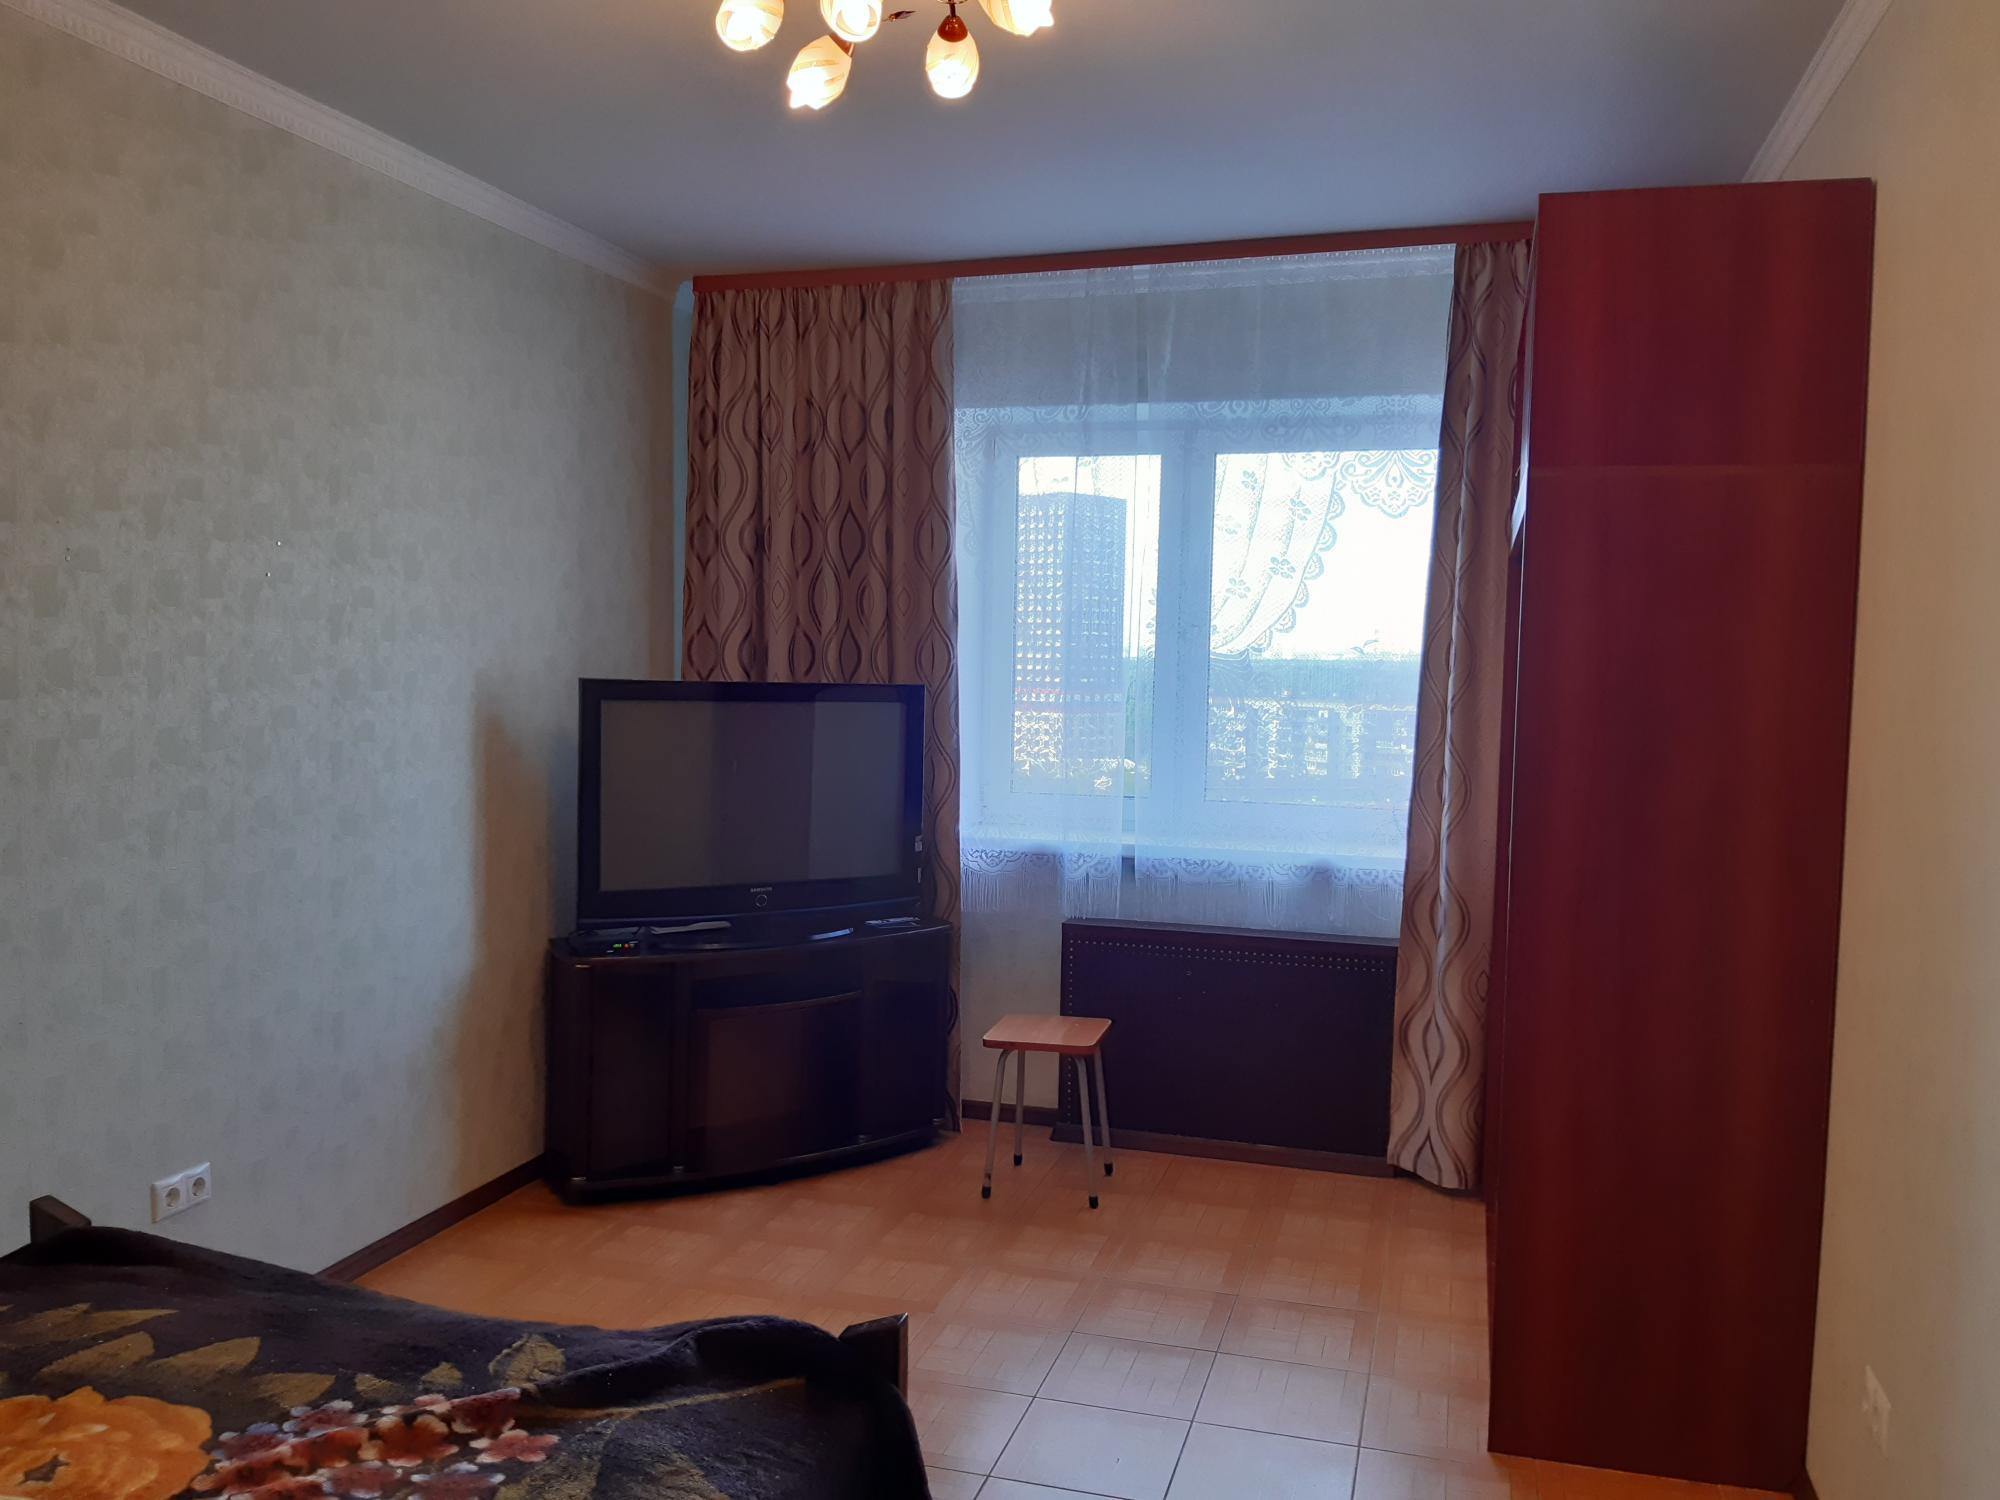 Квартира, 2 комнаты, 63.2 м² в Котельниках 89295674093 купить 1